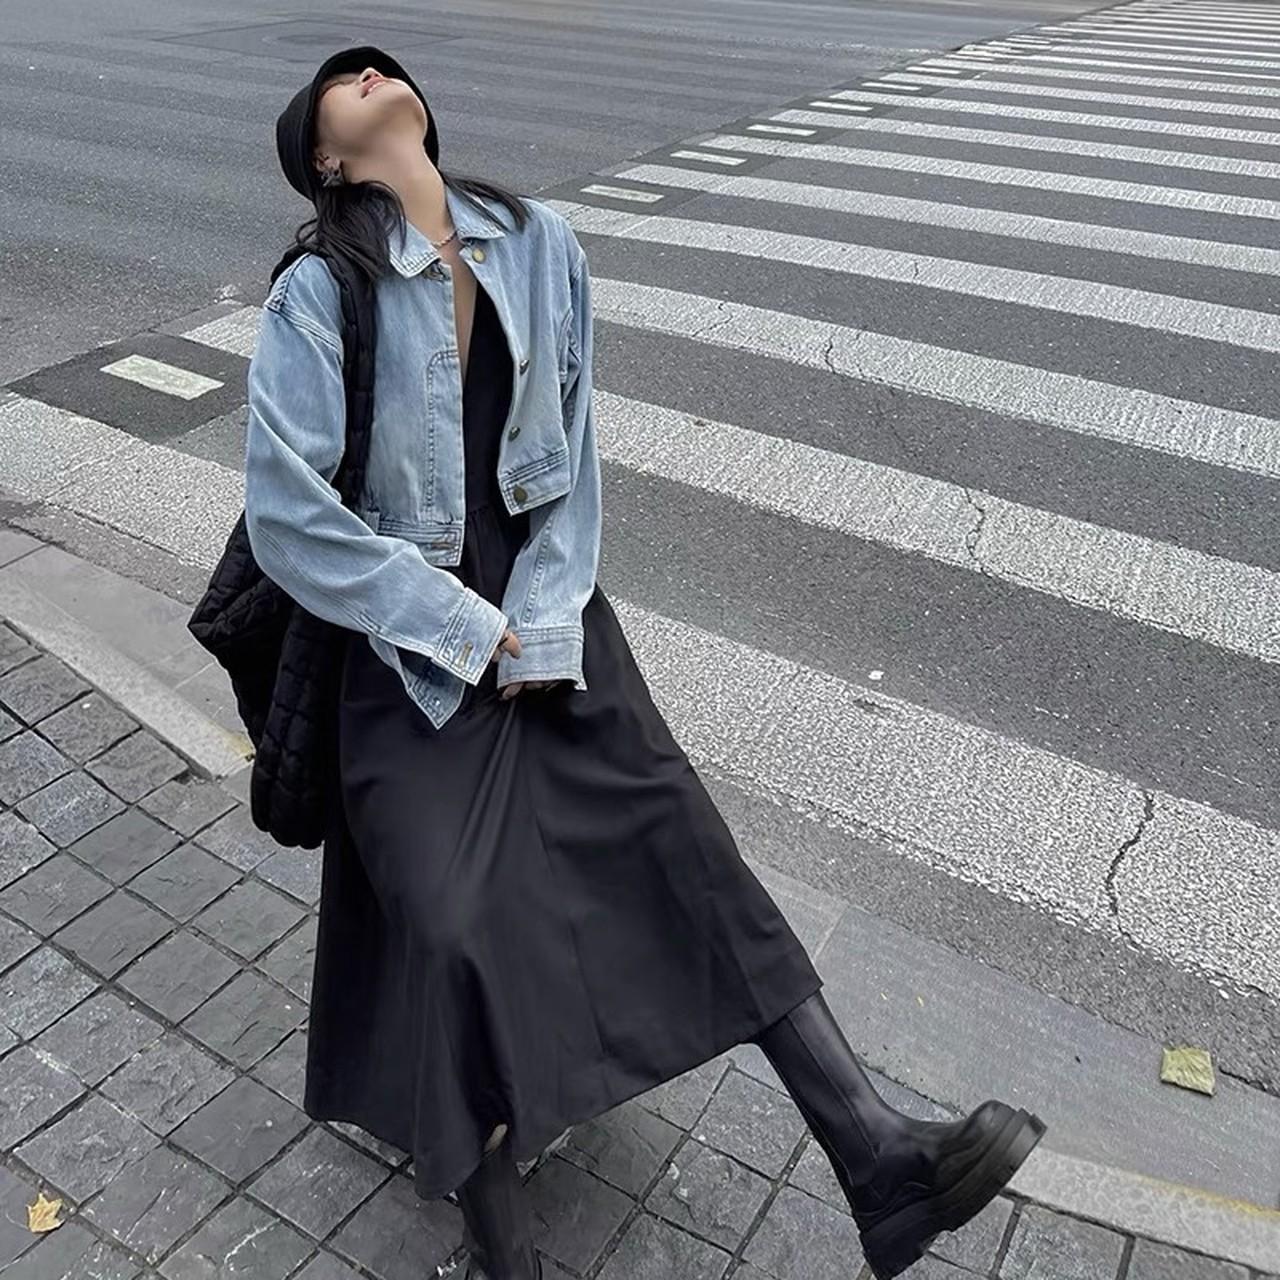 jeans design short jacket